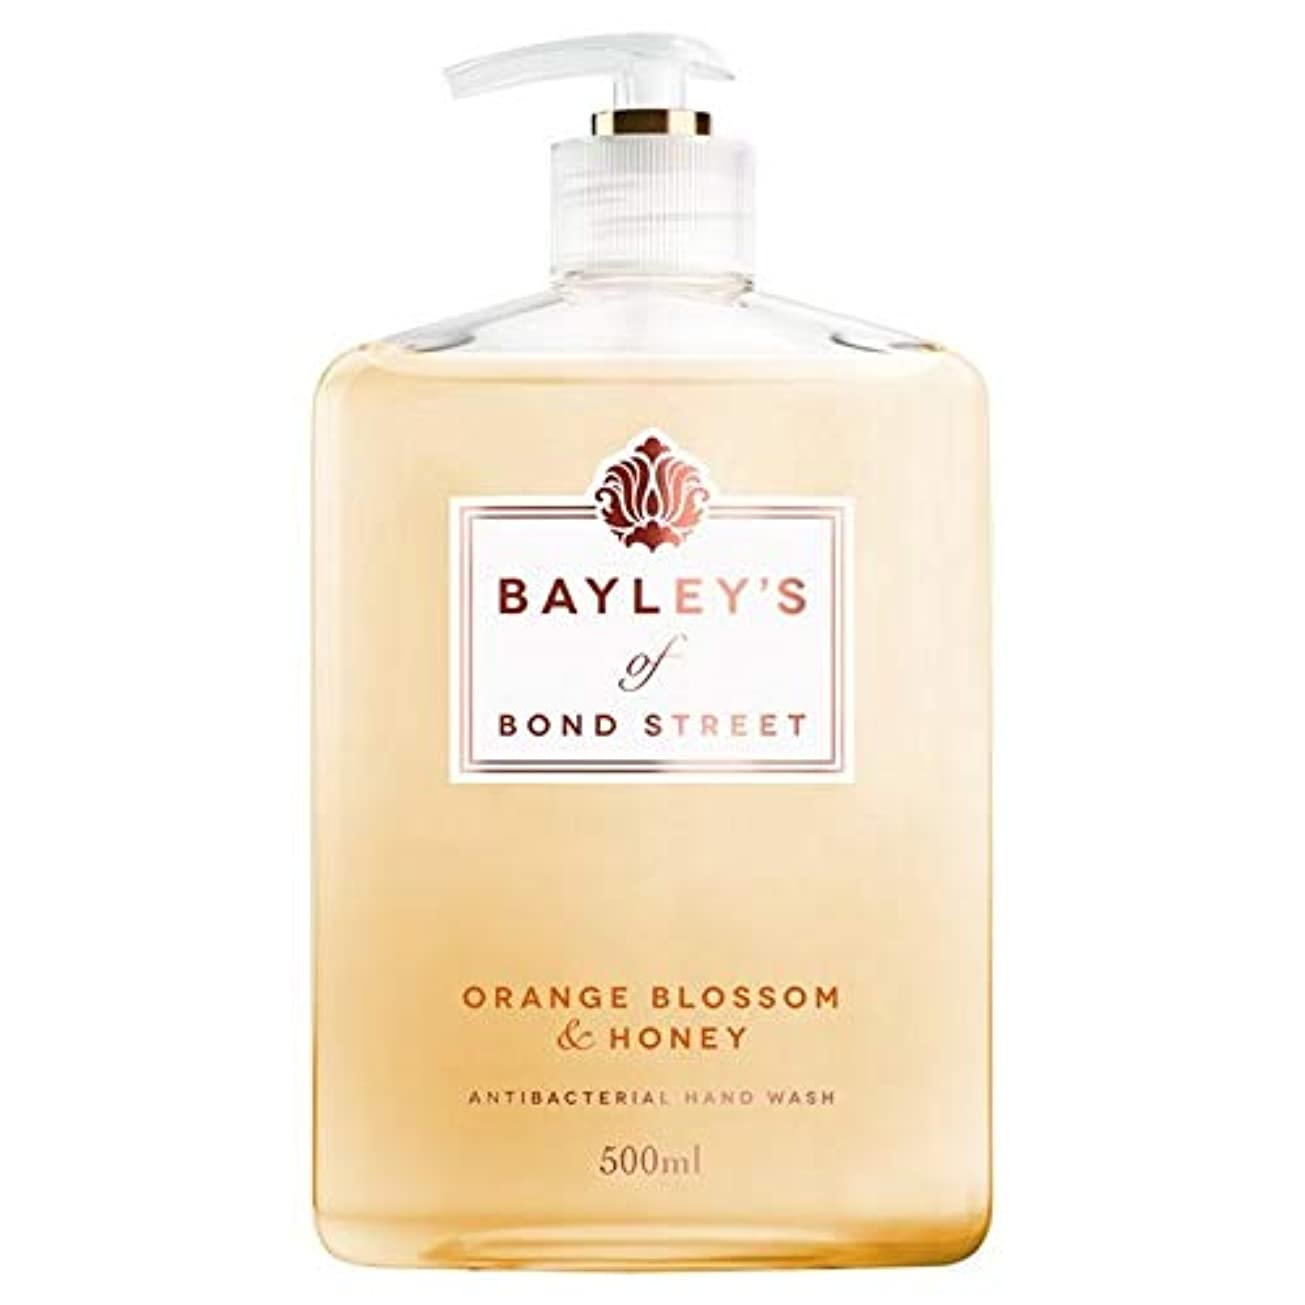 望遠鏡つかいますサンダル[Bayley's of Bond Street ] ベイリーのボンドストリートオレンジブロッサム&ハニーハンドウォッシュ500ミリリットルの - Bayley's of Bond Street Orange Blossom...